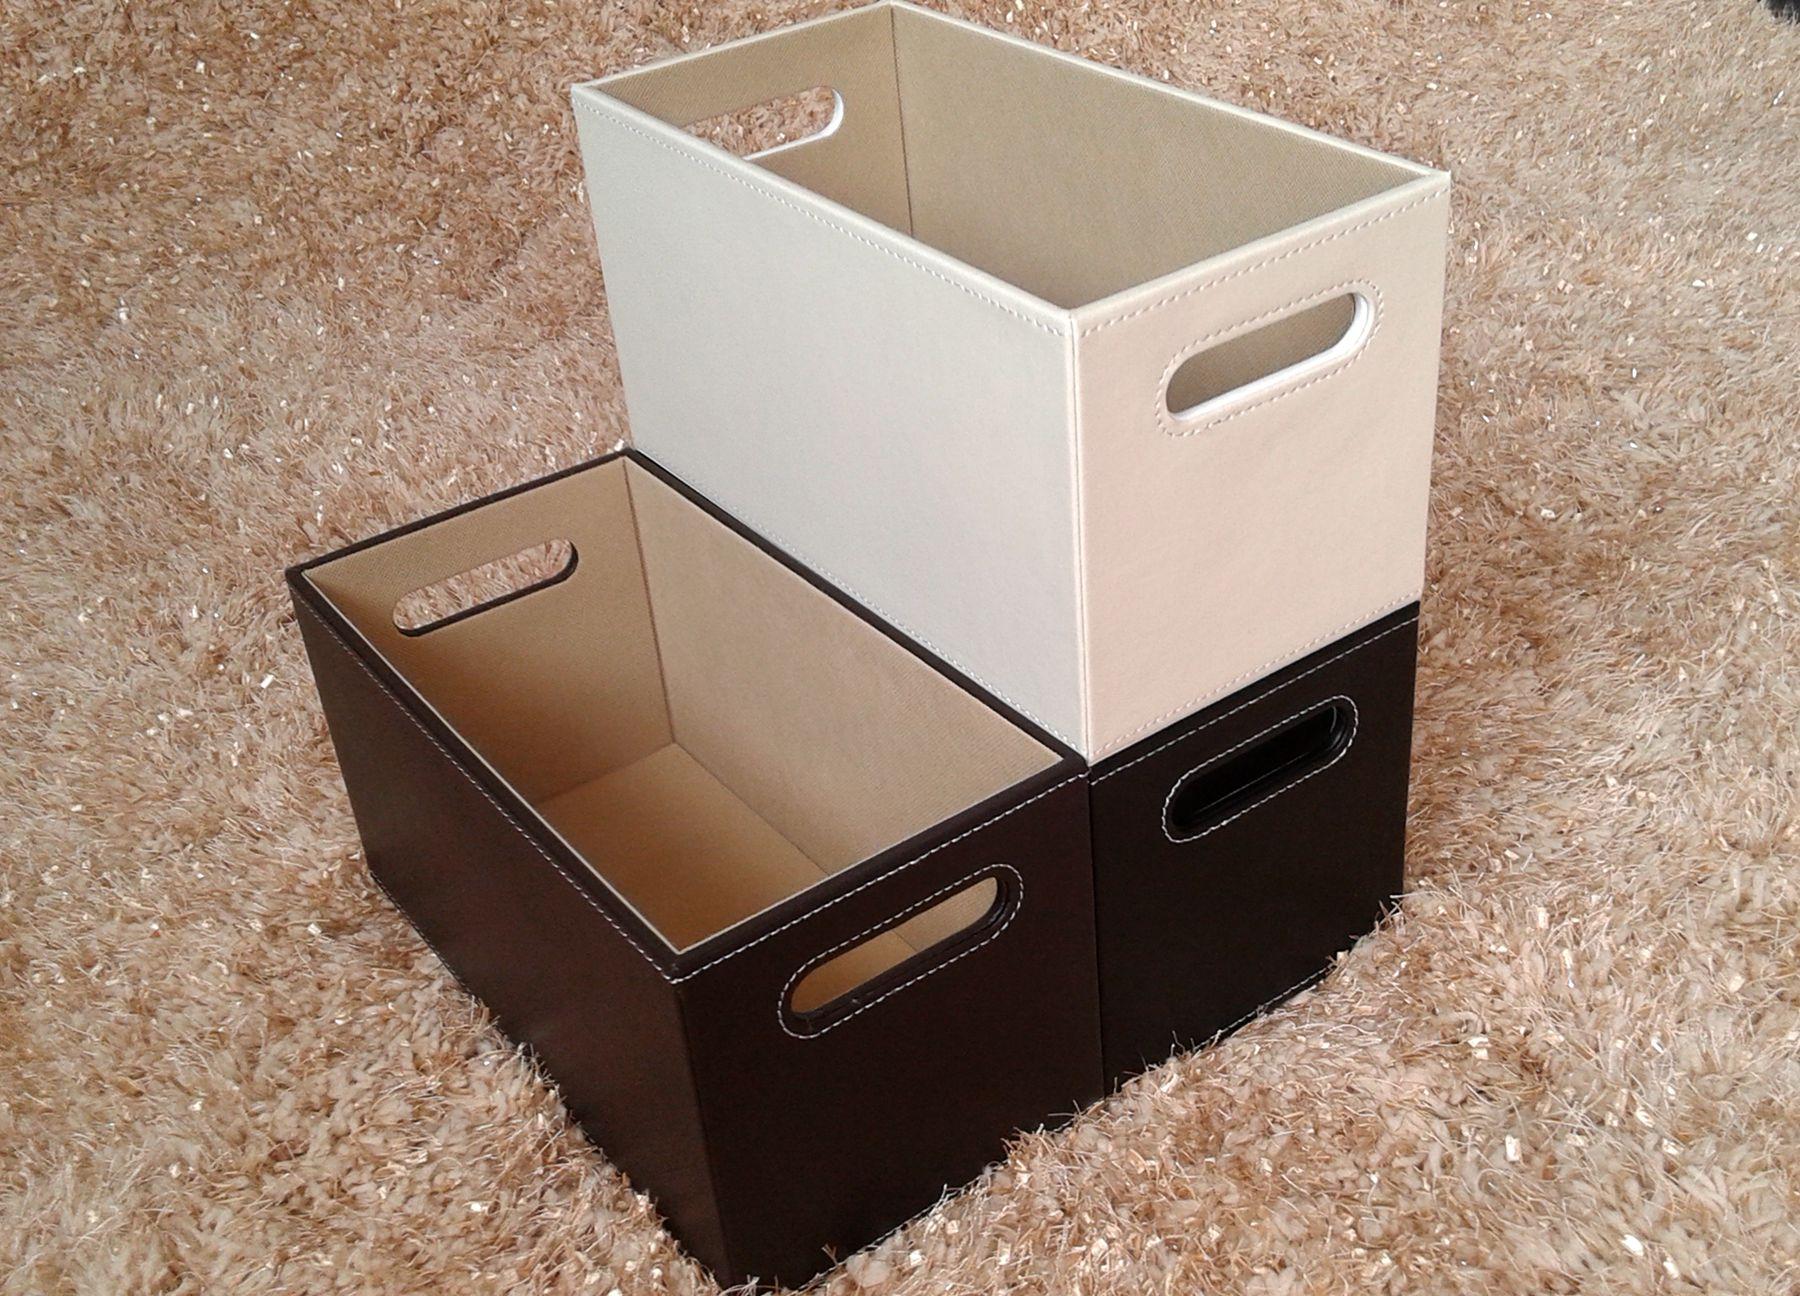 Кора домой большой потенциал выдвижной ящик нет крышки разбираться коробка континентальный хранение корзина CD cd полка инжир книга мусор ящик